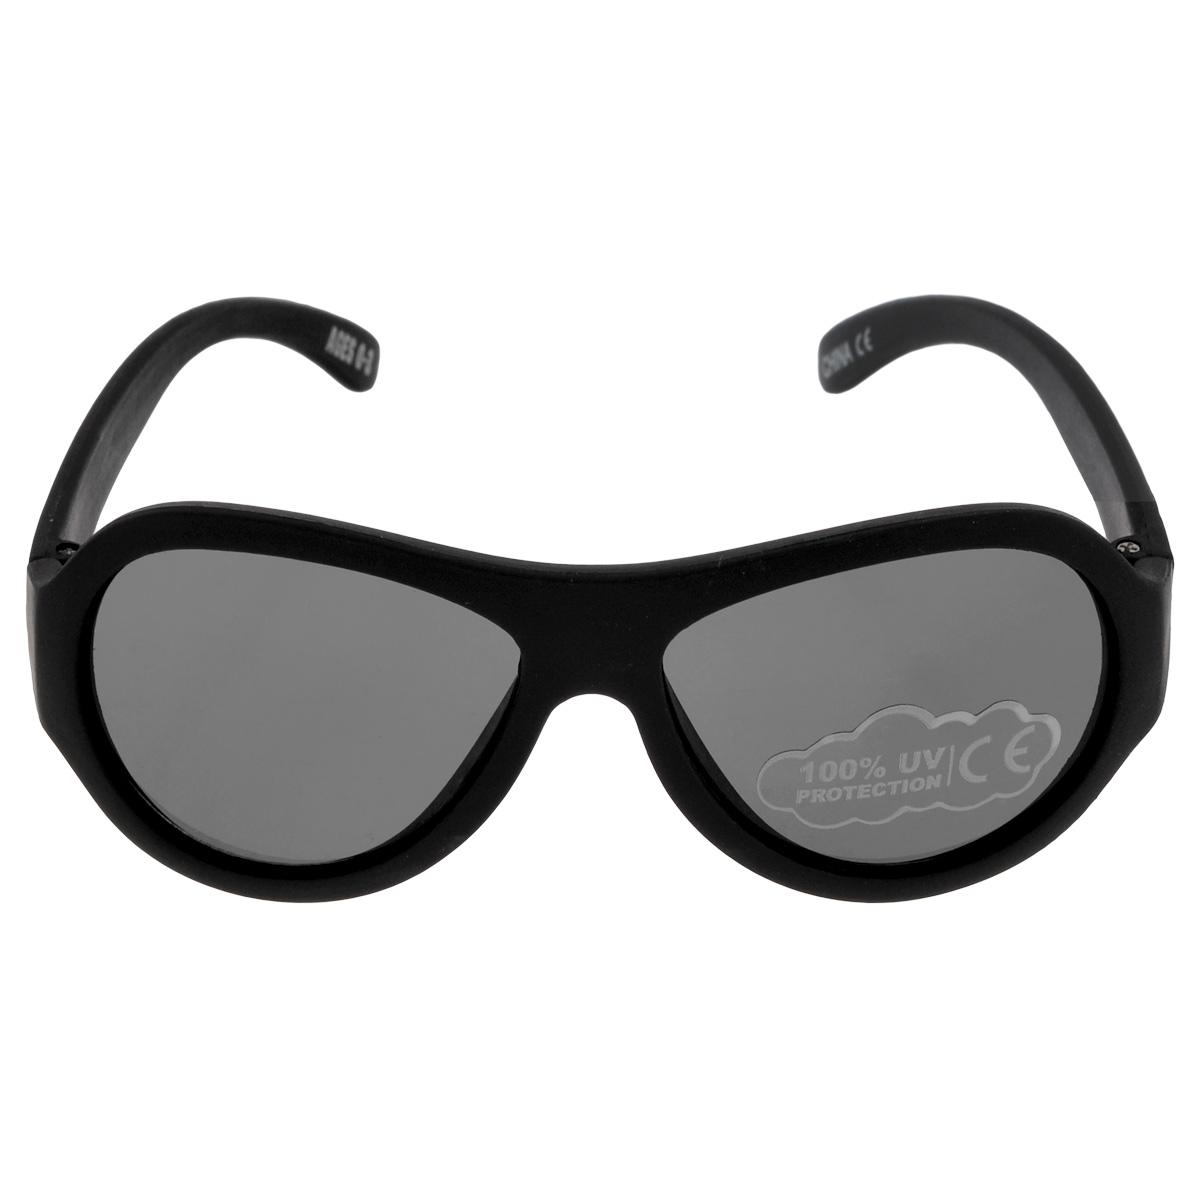 Детские солнцезащитные очки Babiators Спецназ (Black Ops), цвет: черный, 0-3 летBAB-001Вы делаете все возможное, чтобы ваши дети были здоровы и в безопасности. Шлемы для езды на велосипеде, солнцезащитный крем для прогулок на солнце... Но как насчёт влияния солнца на глаза вашего ребёнка? Правда в том, что сетчатка глаза у детей развивается вместе с самим ребёнком. Это означает, что глаза малышей не могут отфильтровать УФ-излучение. Проблема понятна - детям нужна настоящая защита, чтобы глазки были в безопасности, а зрение сильным. Каждая пара солнцезащитных очков Babiators для детей обеспечивает 100% защиту от UVA и UVB. Прочные линзы высшего качества не подведут в самых сложных переделках. В отличие от обычных пластиковых очков, оправа Babiators выполнена из гибкого прорезиненного материала, что делает их ударопрочными, их можно сгибать и крутить - они не сломаются и вернутся в прежнюю форму. Не бойтесь, что ребёнок сядет на них - они всё выдержат. Будьте уверены, что очки Babiators созданы безопасными, прочными и классными, так что вы и ваш ребенок можете...